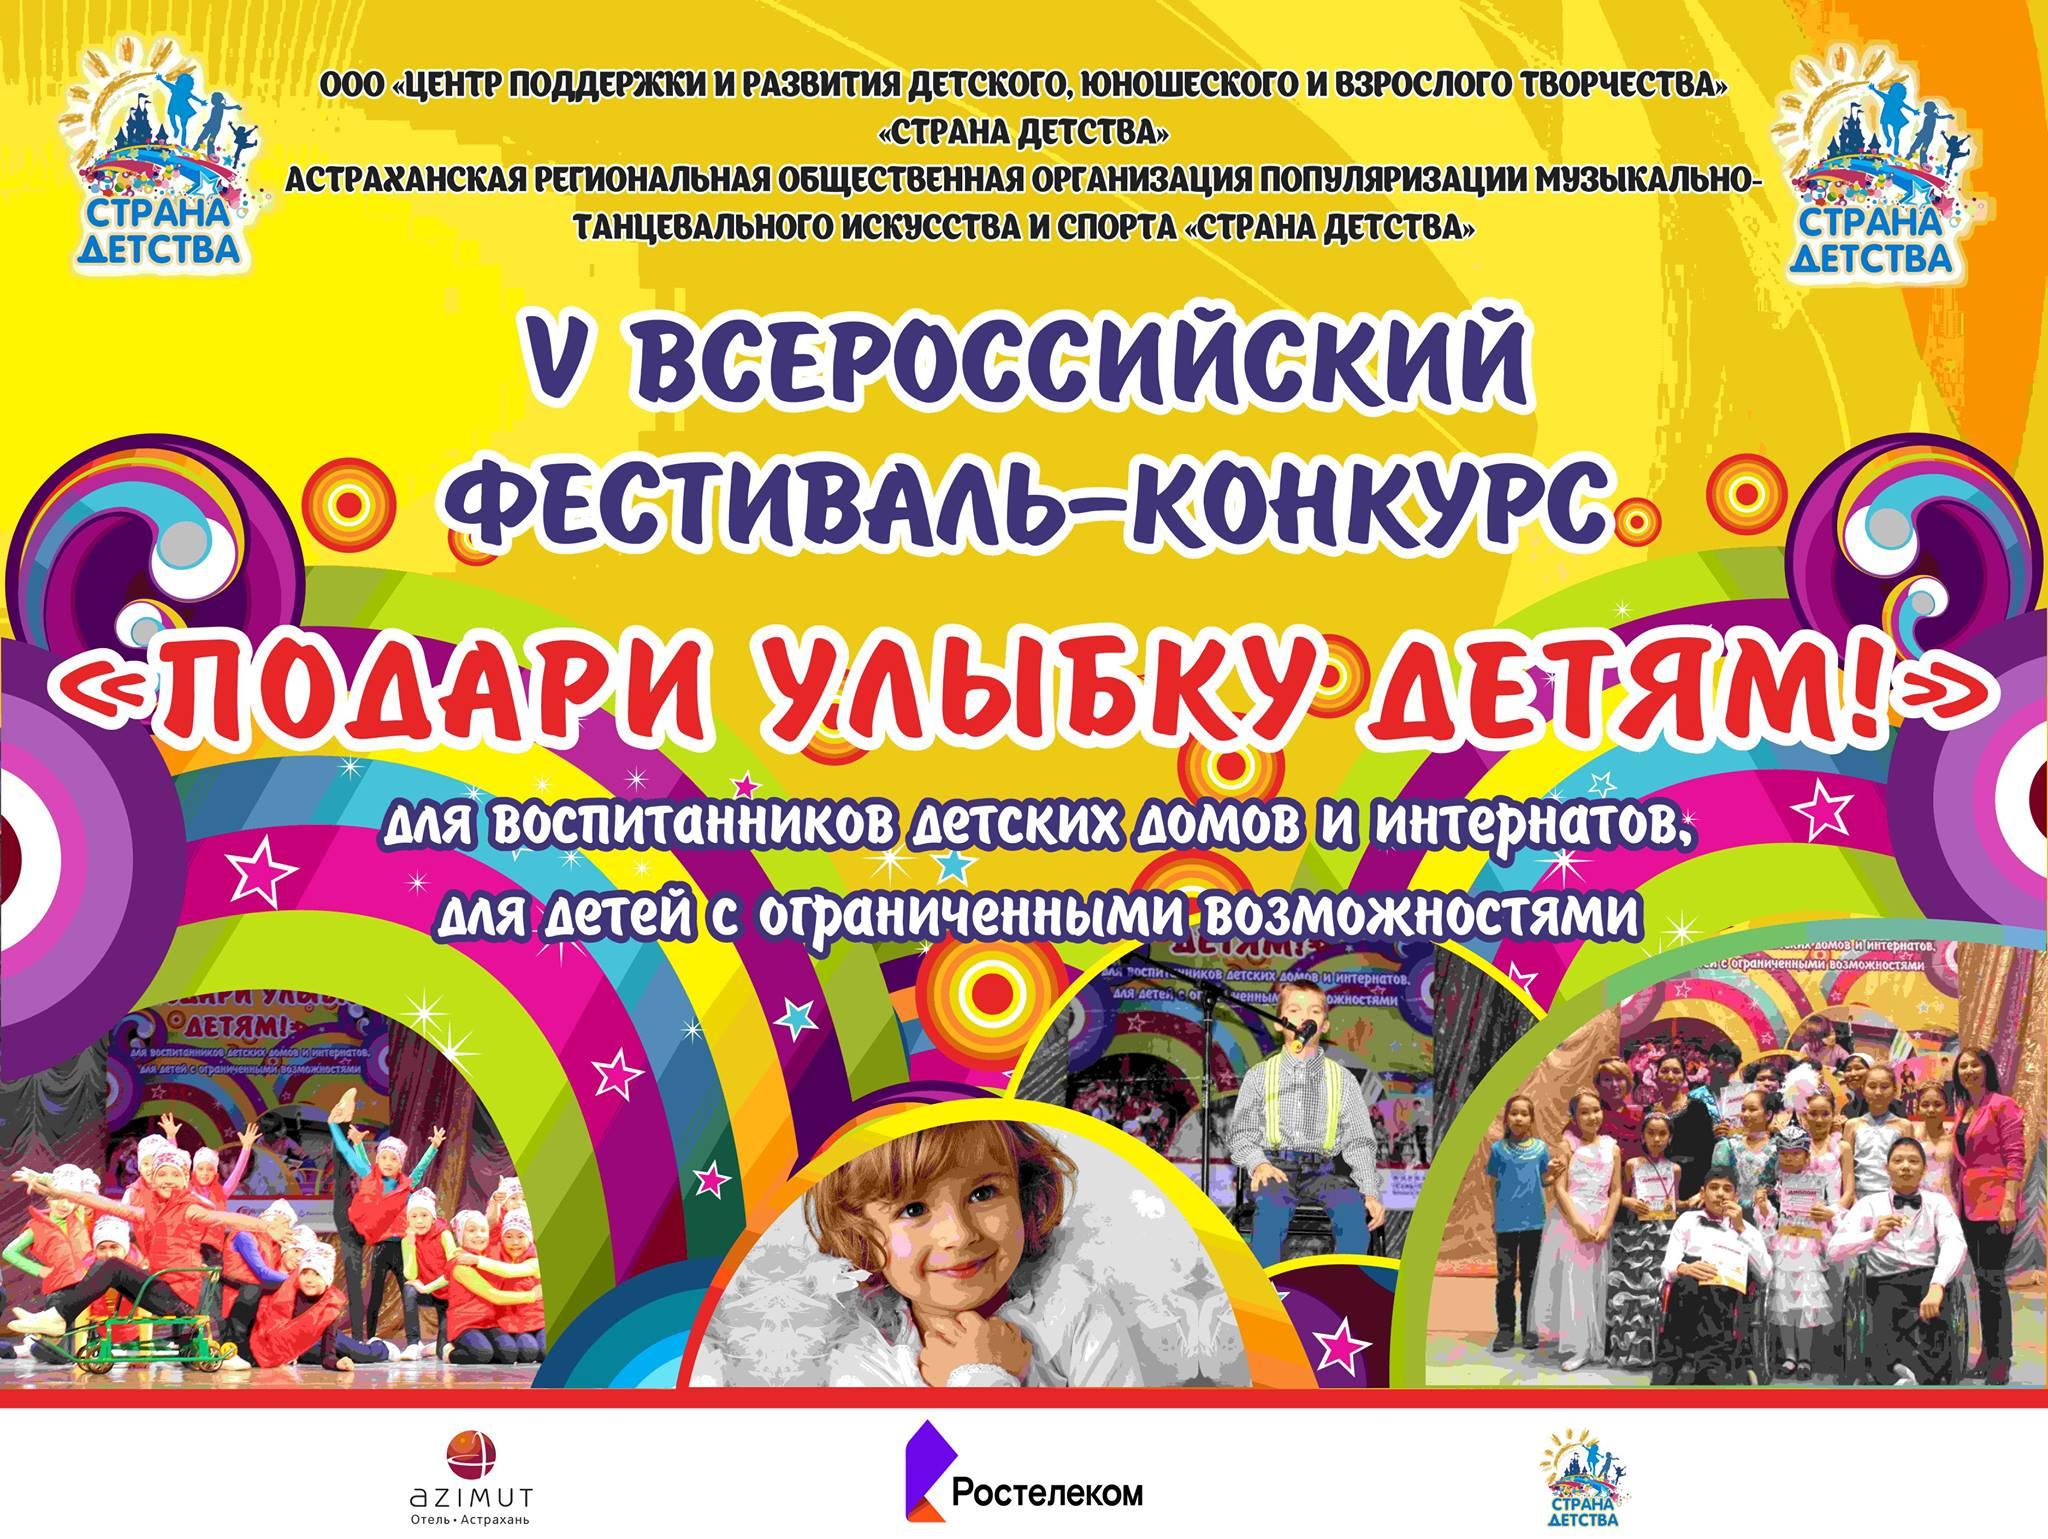 Вот и завершился ЮБИЛЕЙНЫЙ Благотворительный фестиваль-конкурс для воспитанников детских домов и интернатов, для детей с ограниченными возможностями «ПОДАРИ УЛЫБКУ ДЕТЯМ»